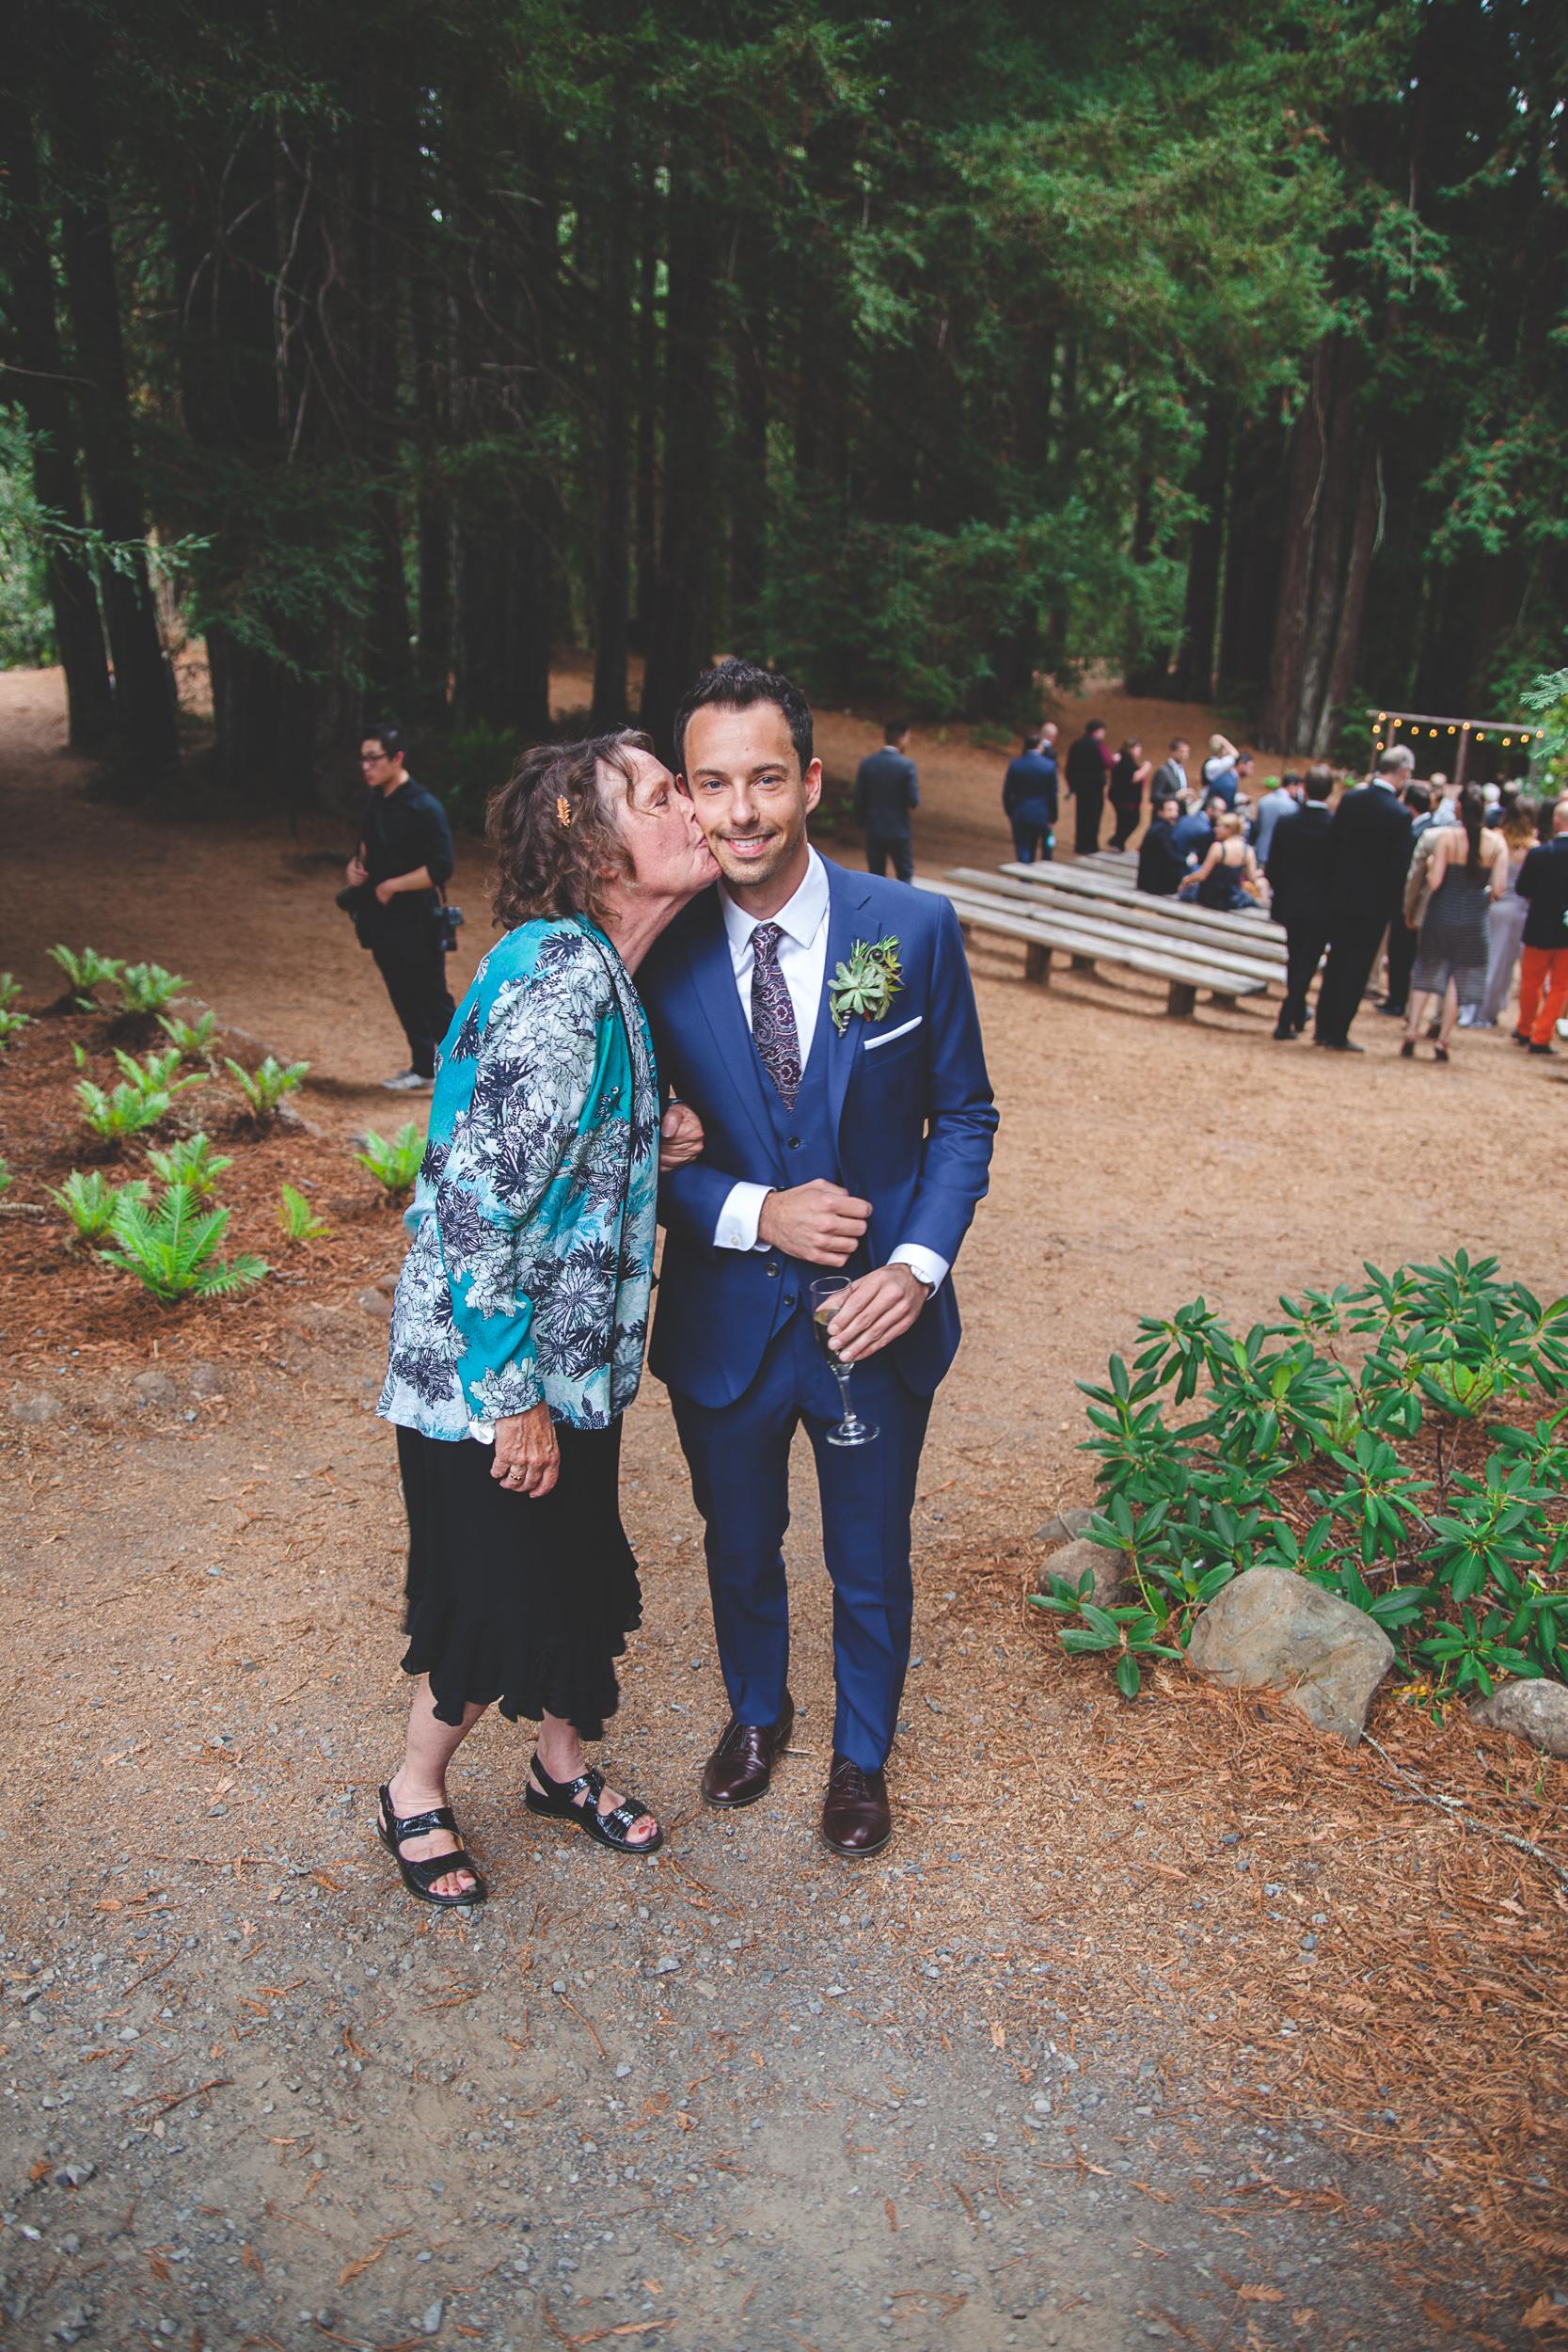 blue bespoke suit groom